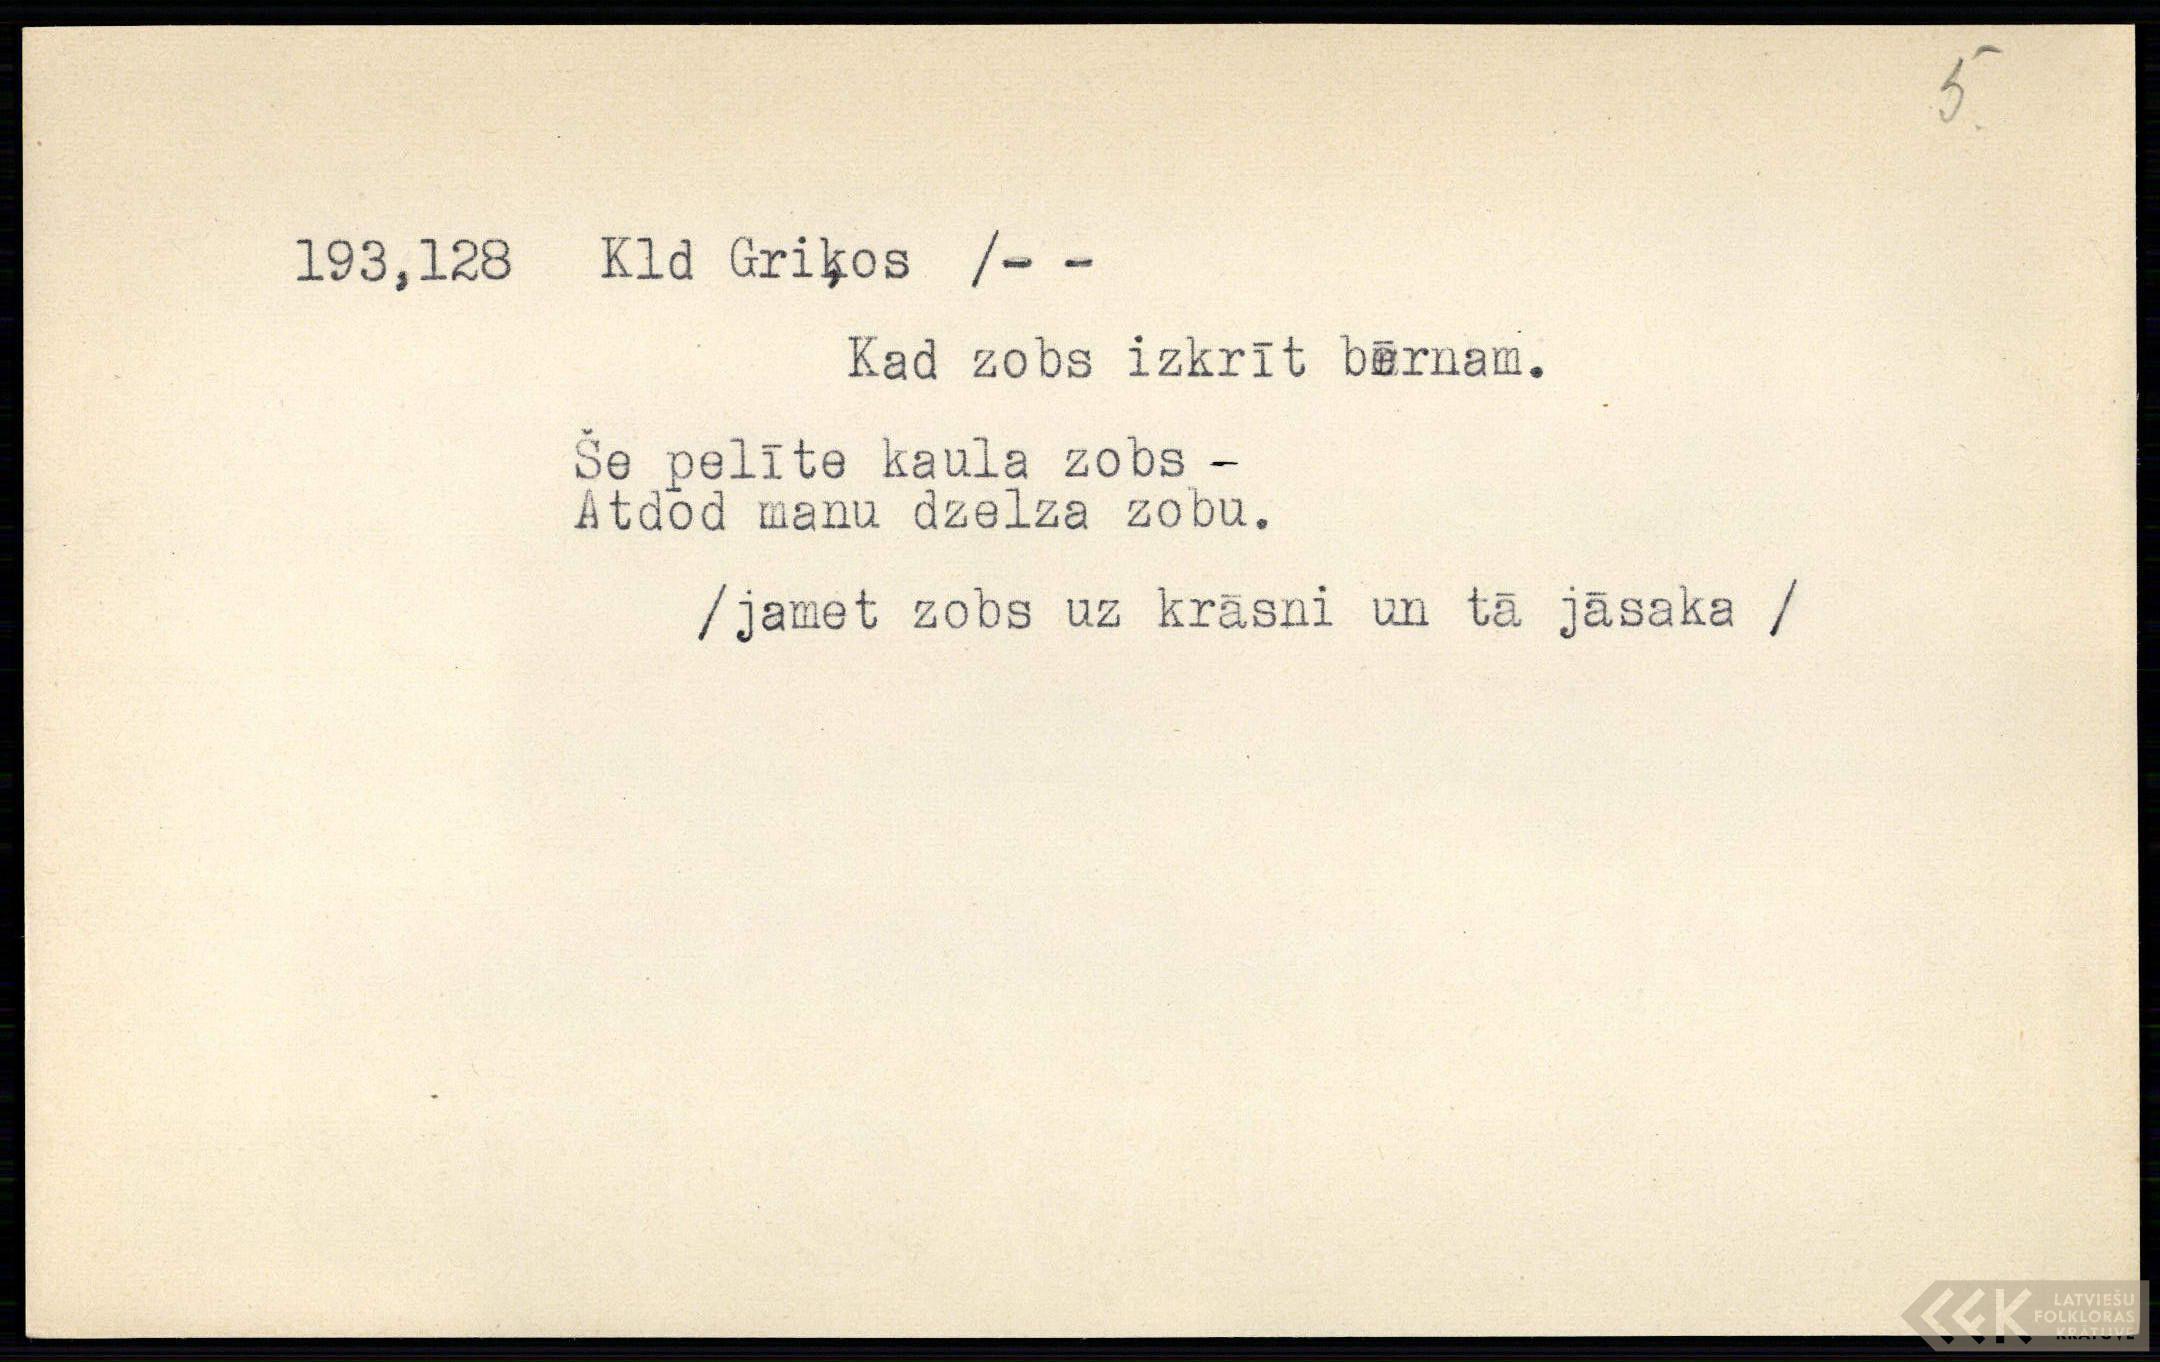 #LFK-193-128